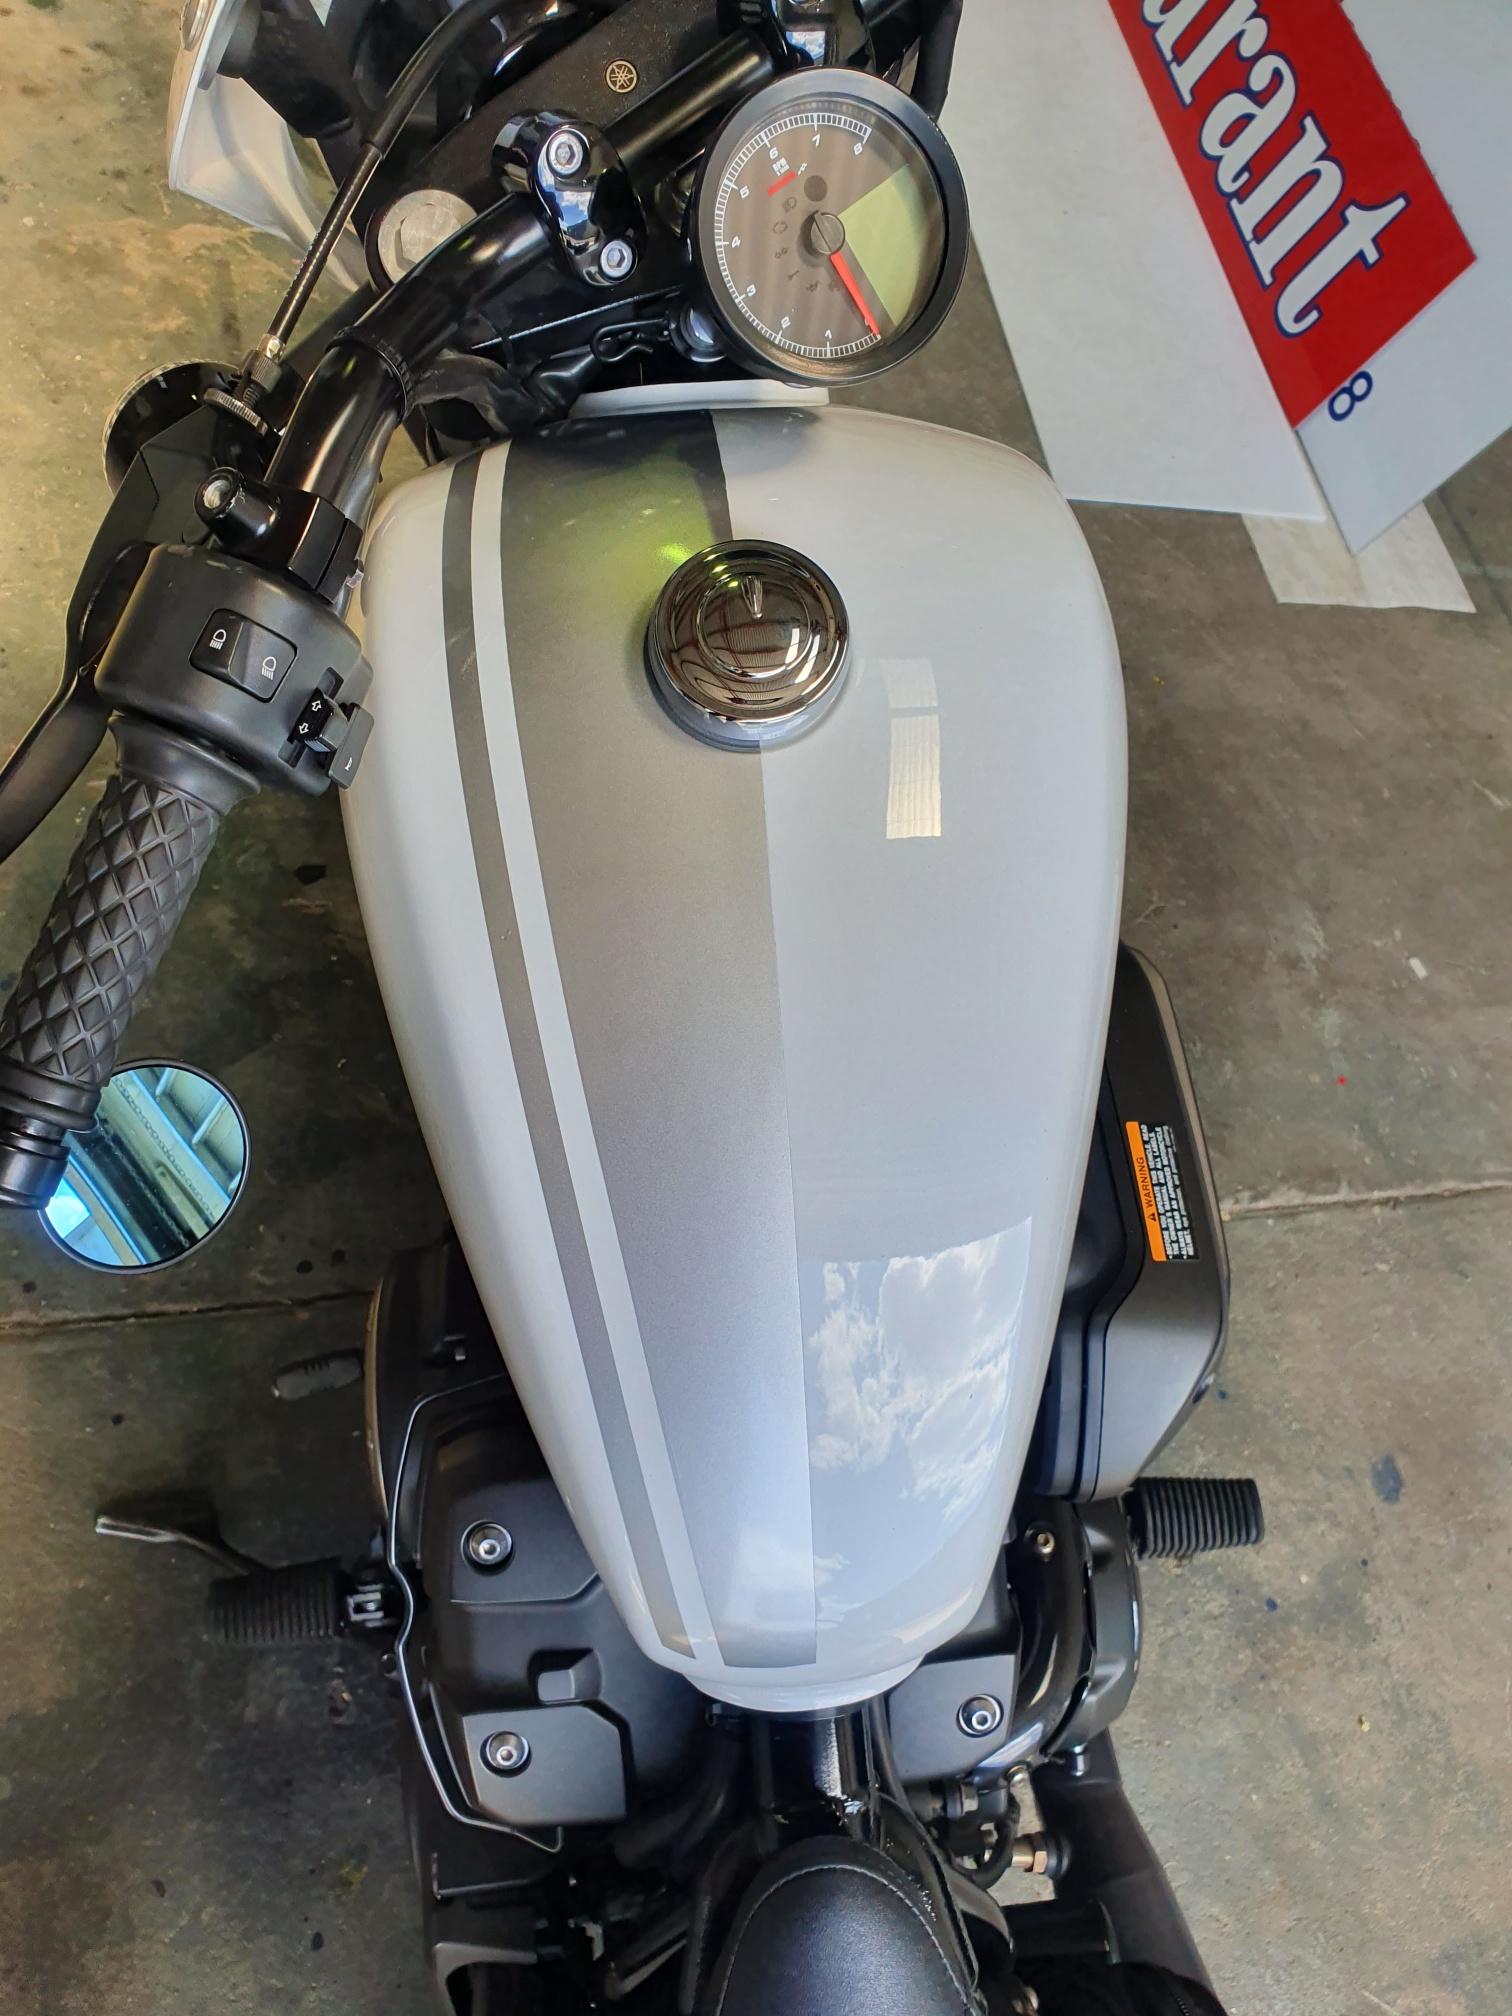 AOK Signs - Motorbike